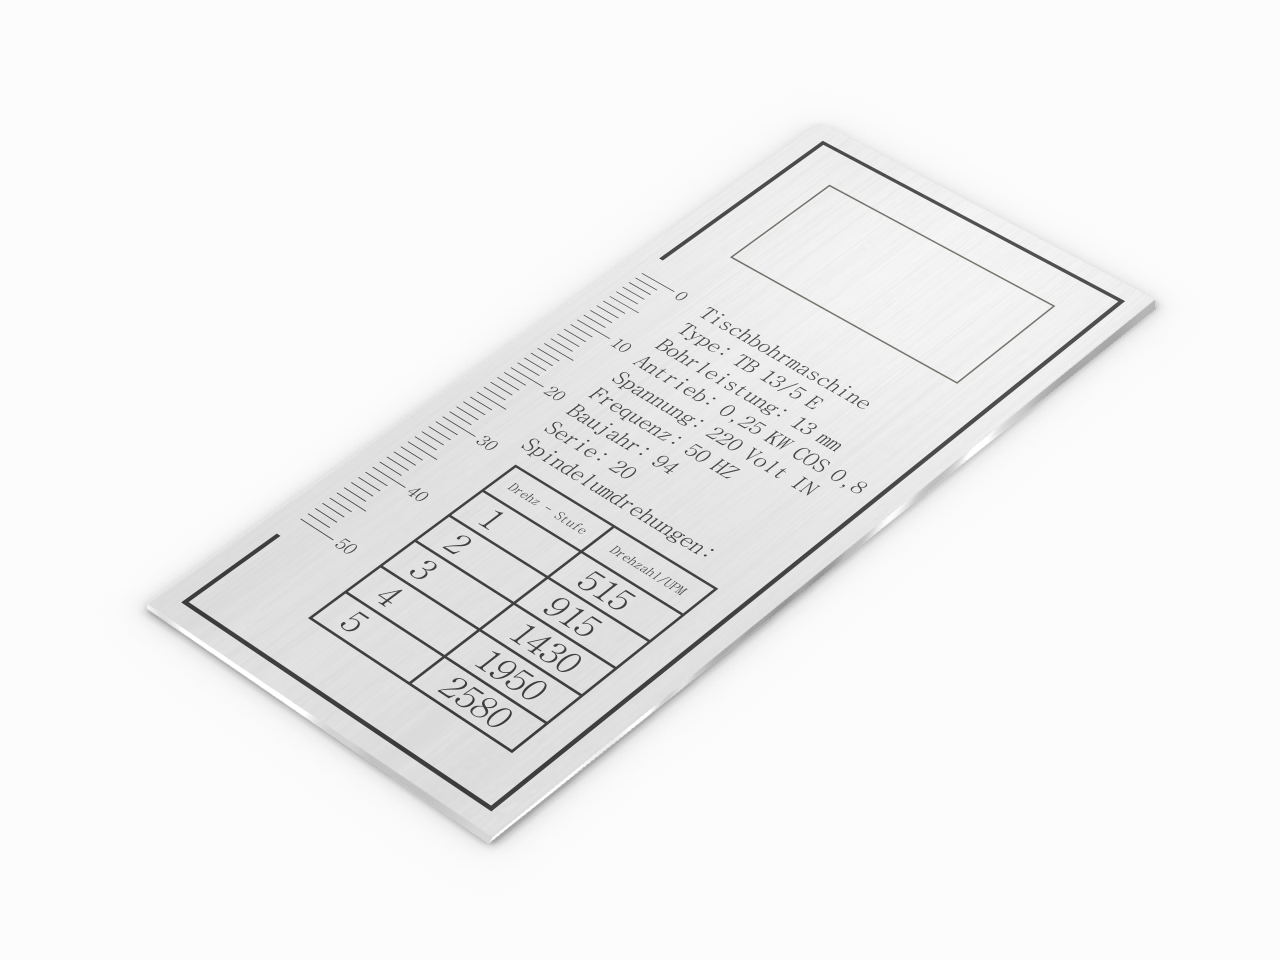 Aluminiowa tabliczka znamionowa z instrukcją i miarką linijką